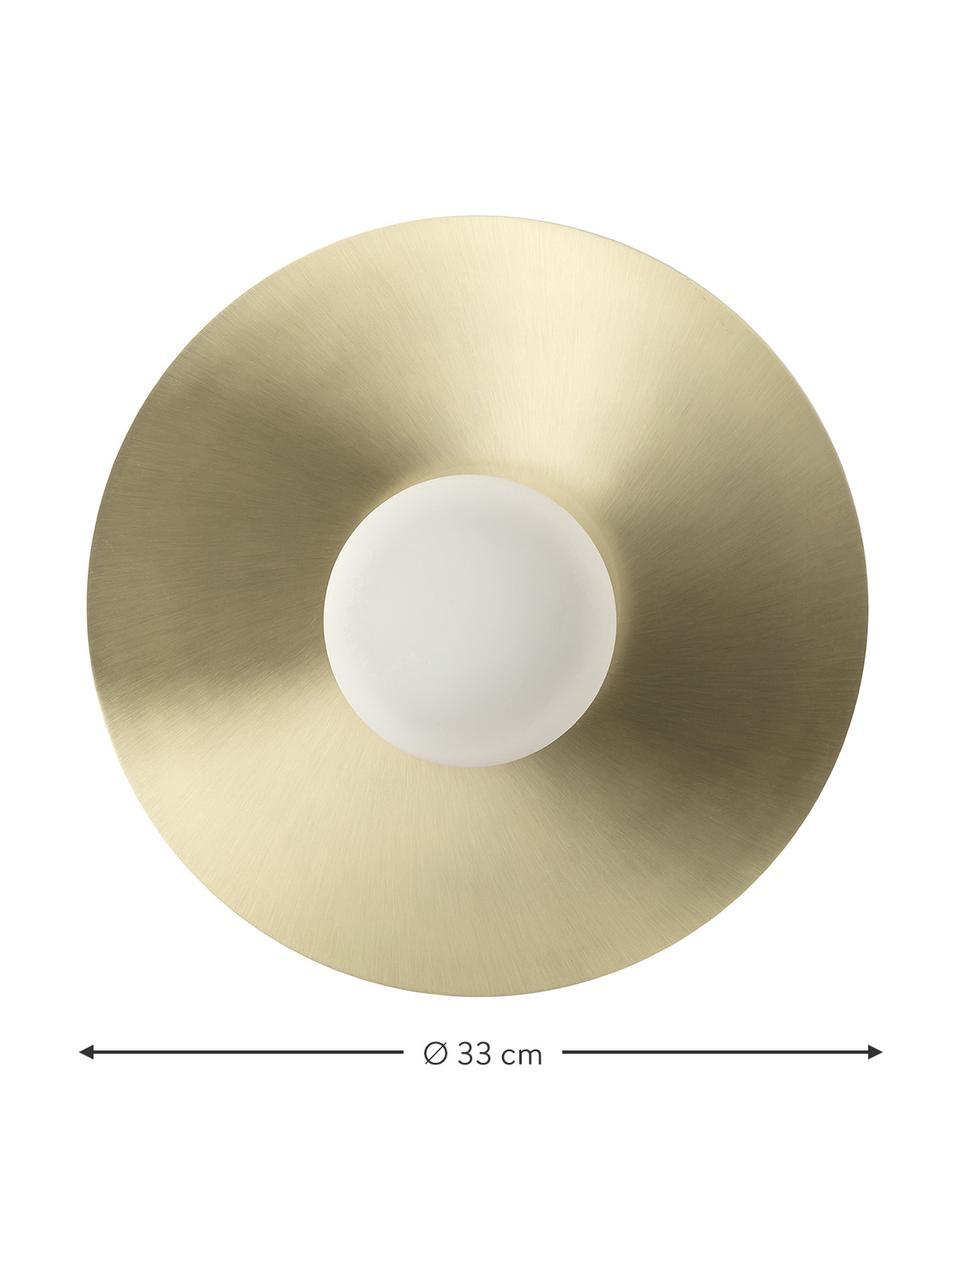 Lampada da parete e soffitto a LED Starling, Paralume: vetro opale, Baldacchino: ottonato opaco Paralume: bianco, Ø 33 cm